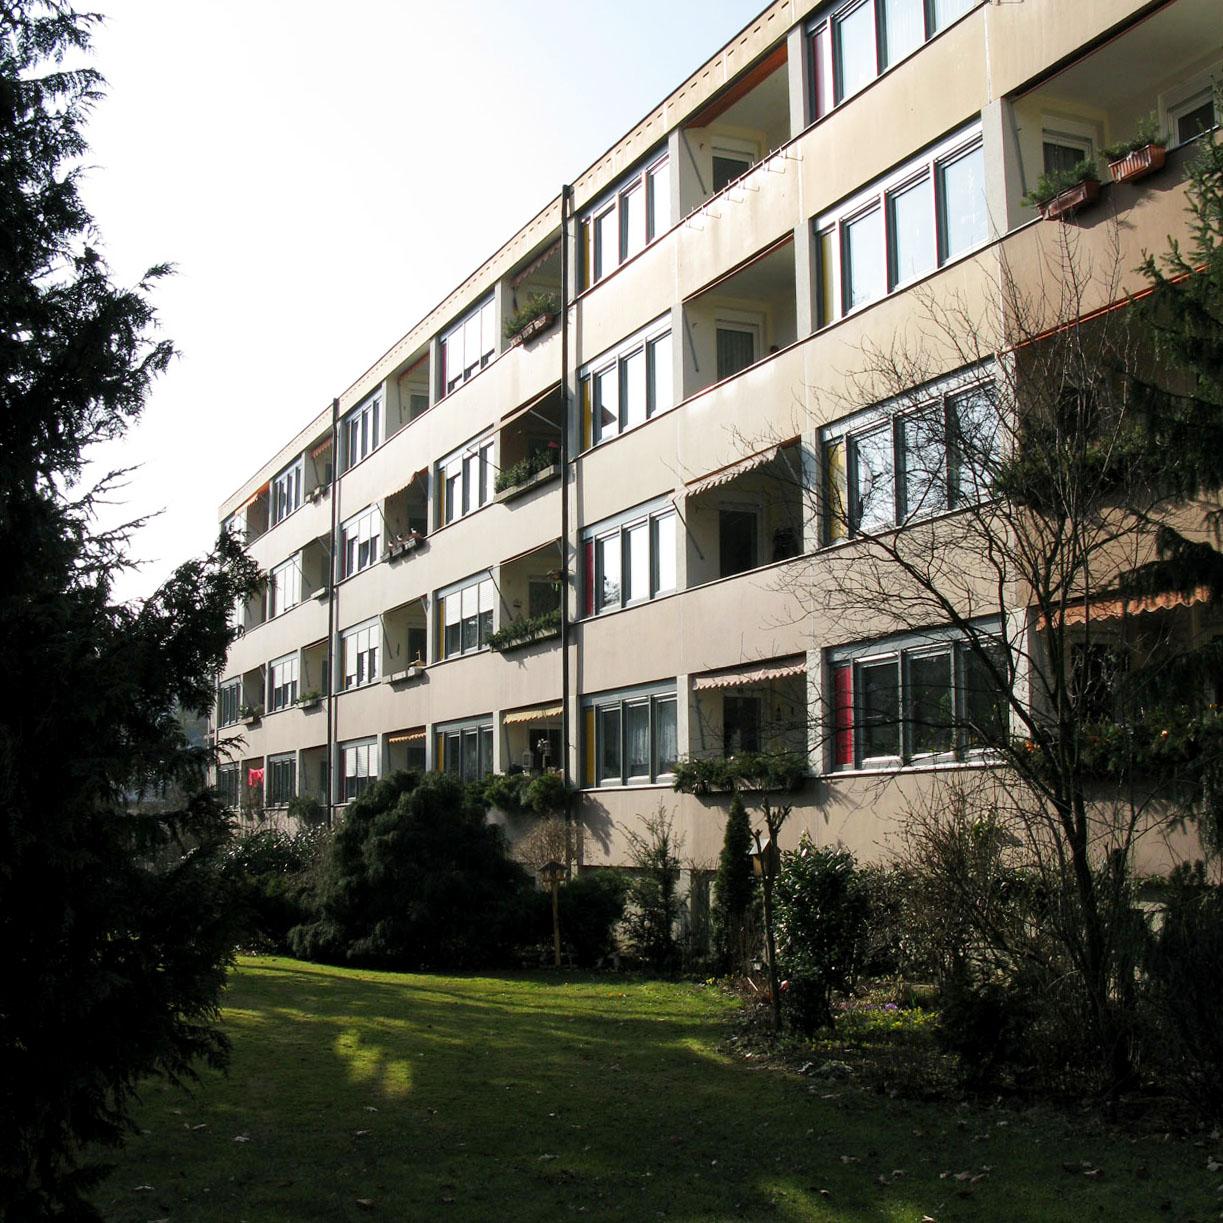 05_Langwasser_Zollhausstraße